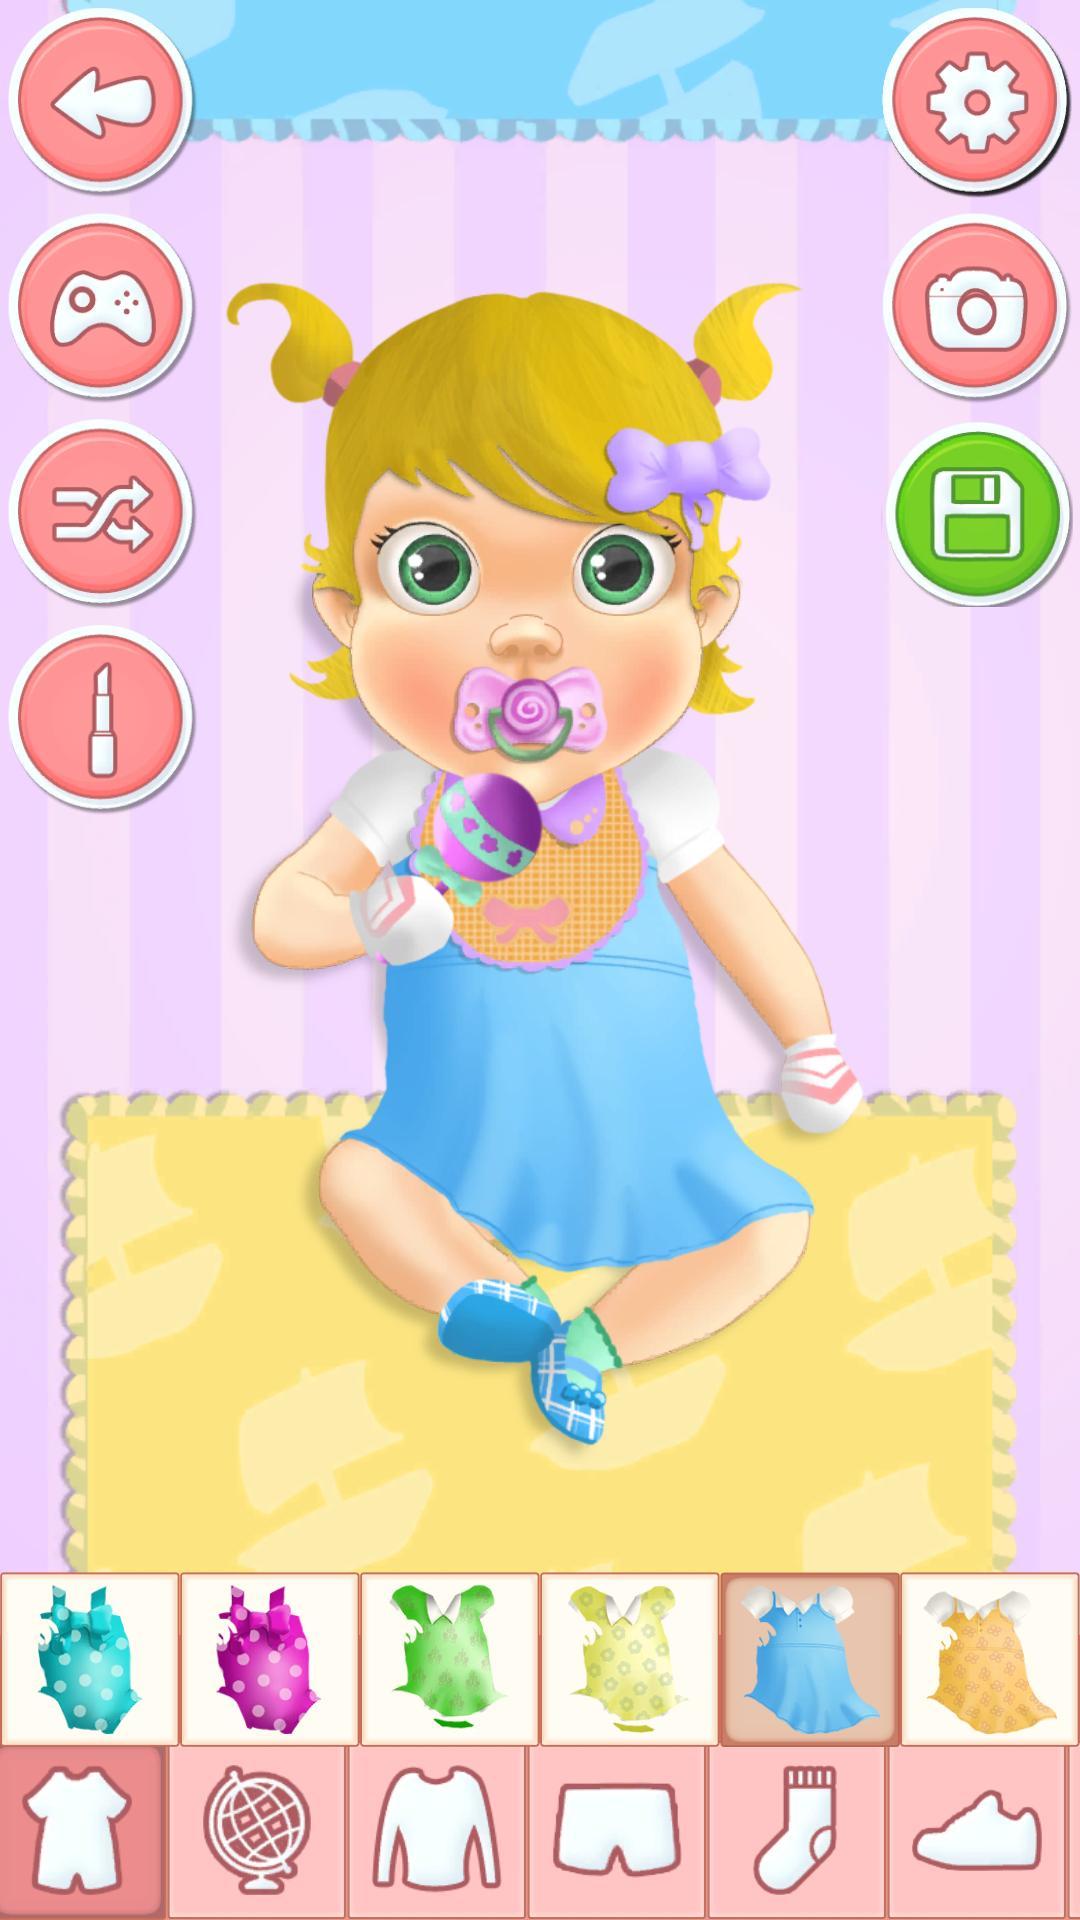 Juegos De Vestir A Bebes For Android Apk Download